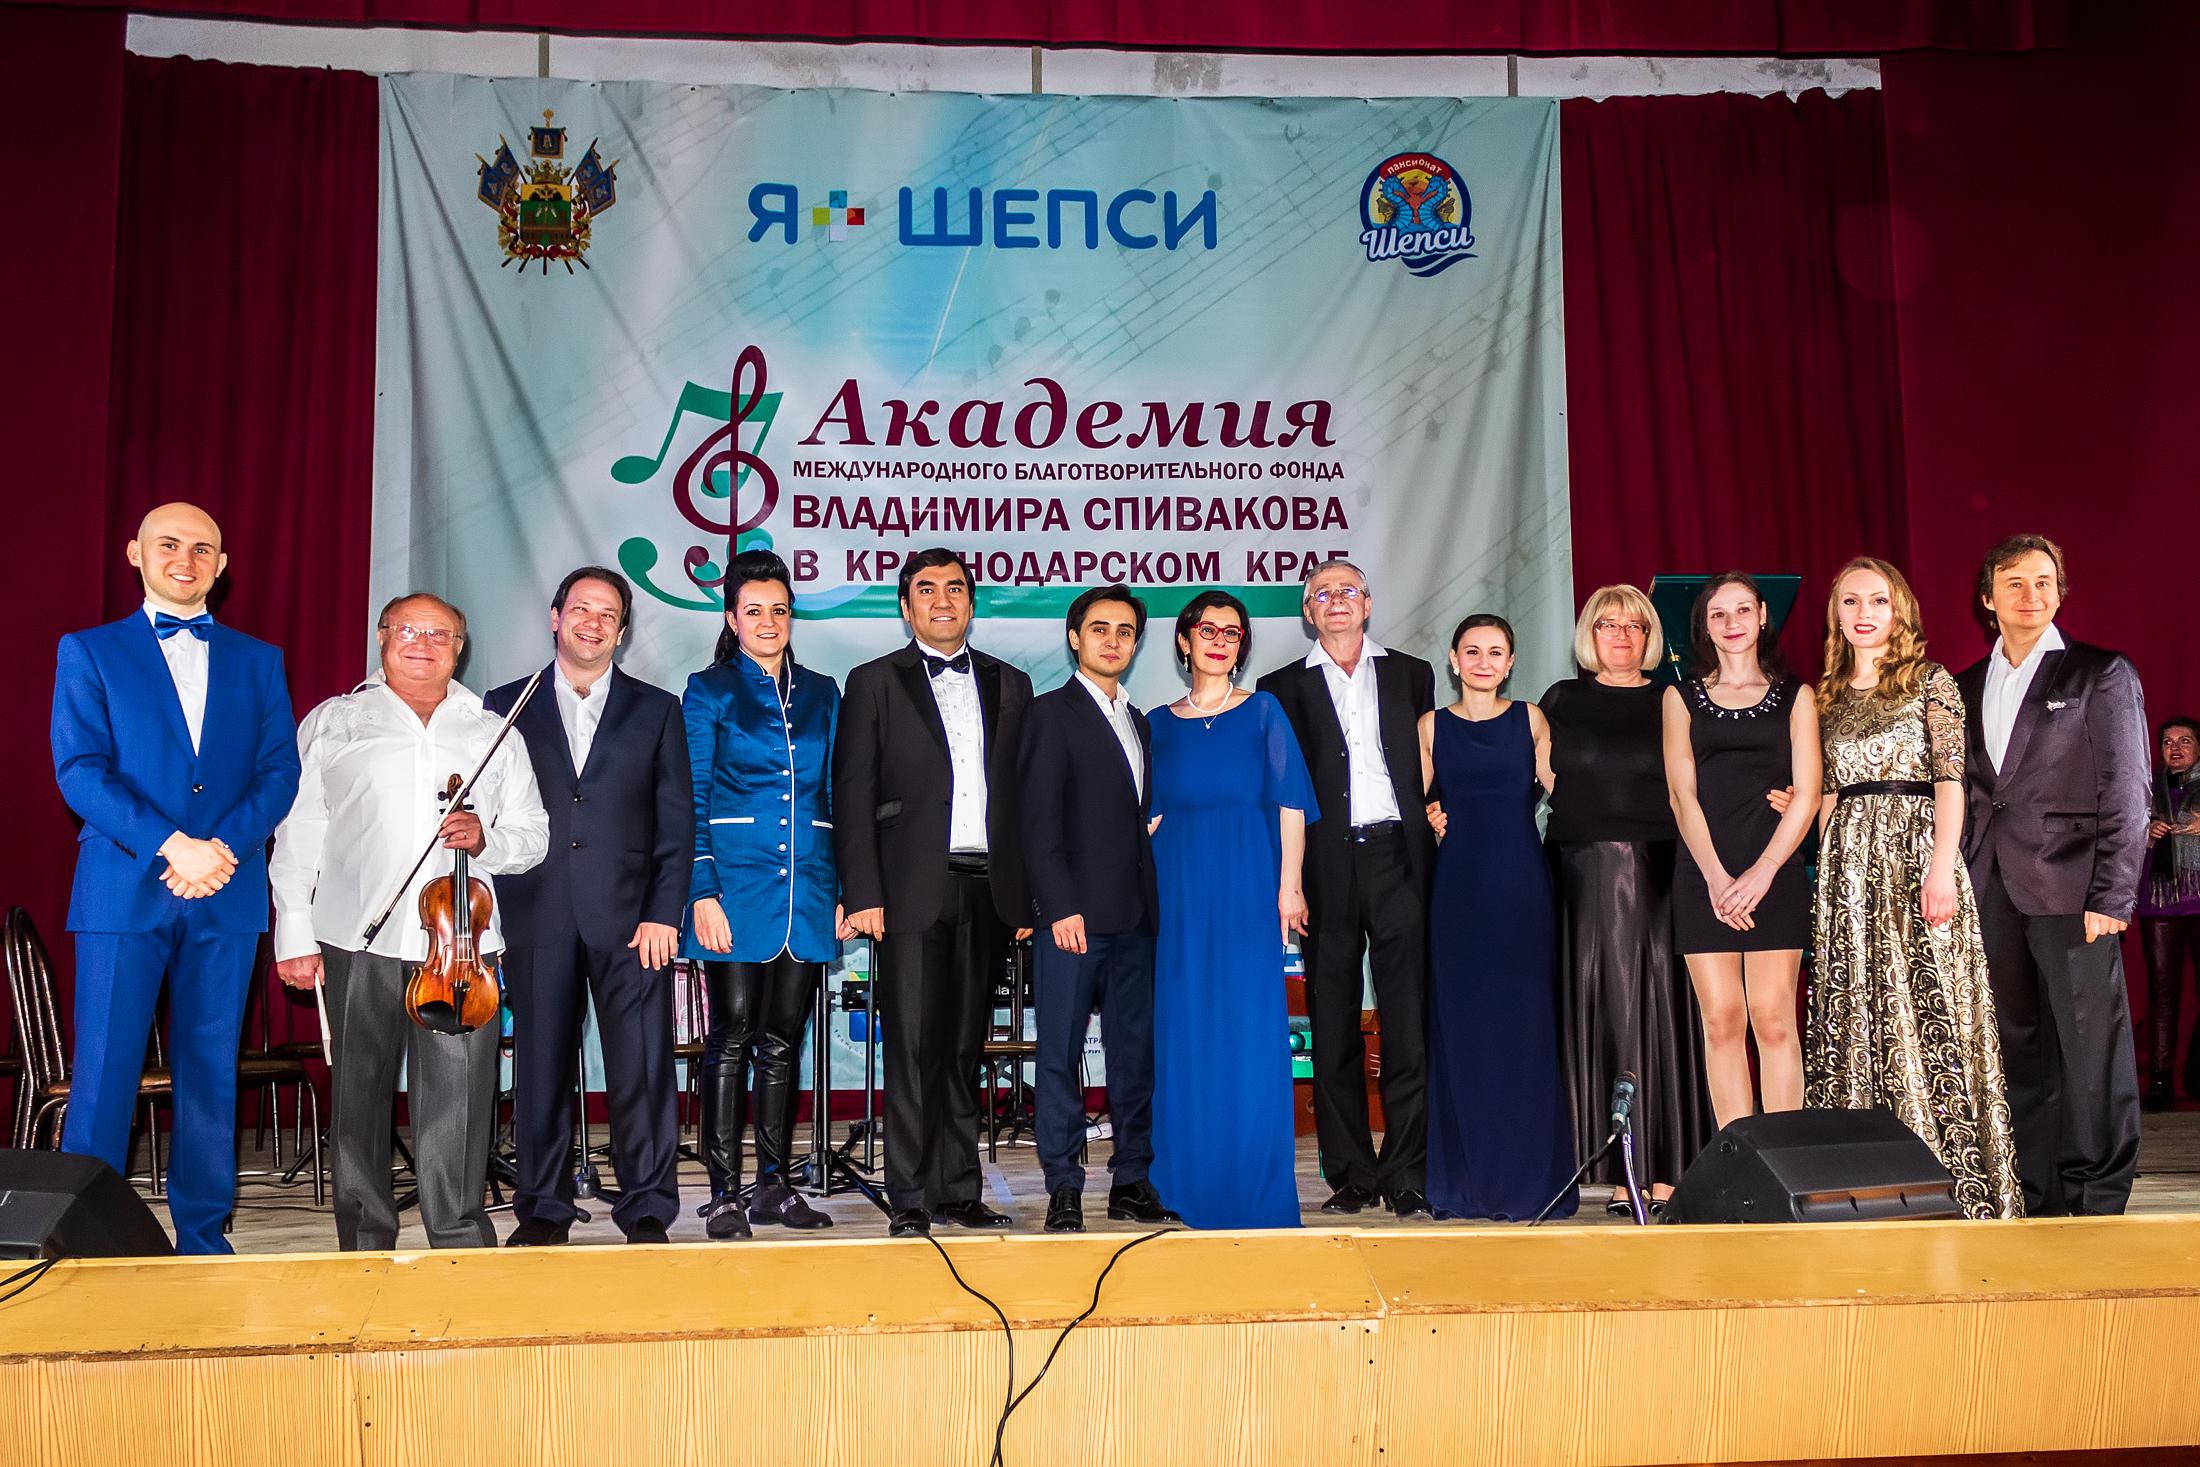 Концерт-Открытие Академии